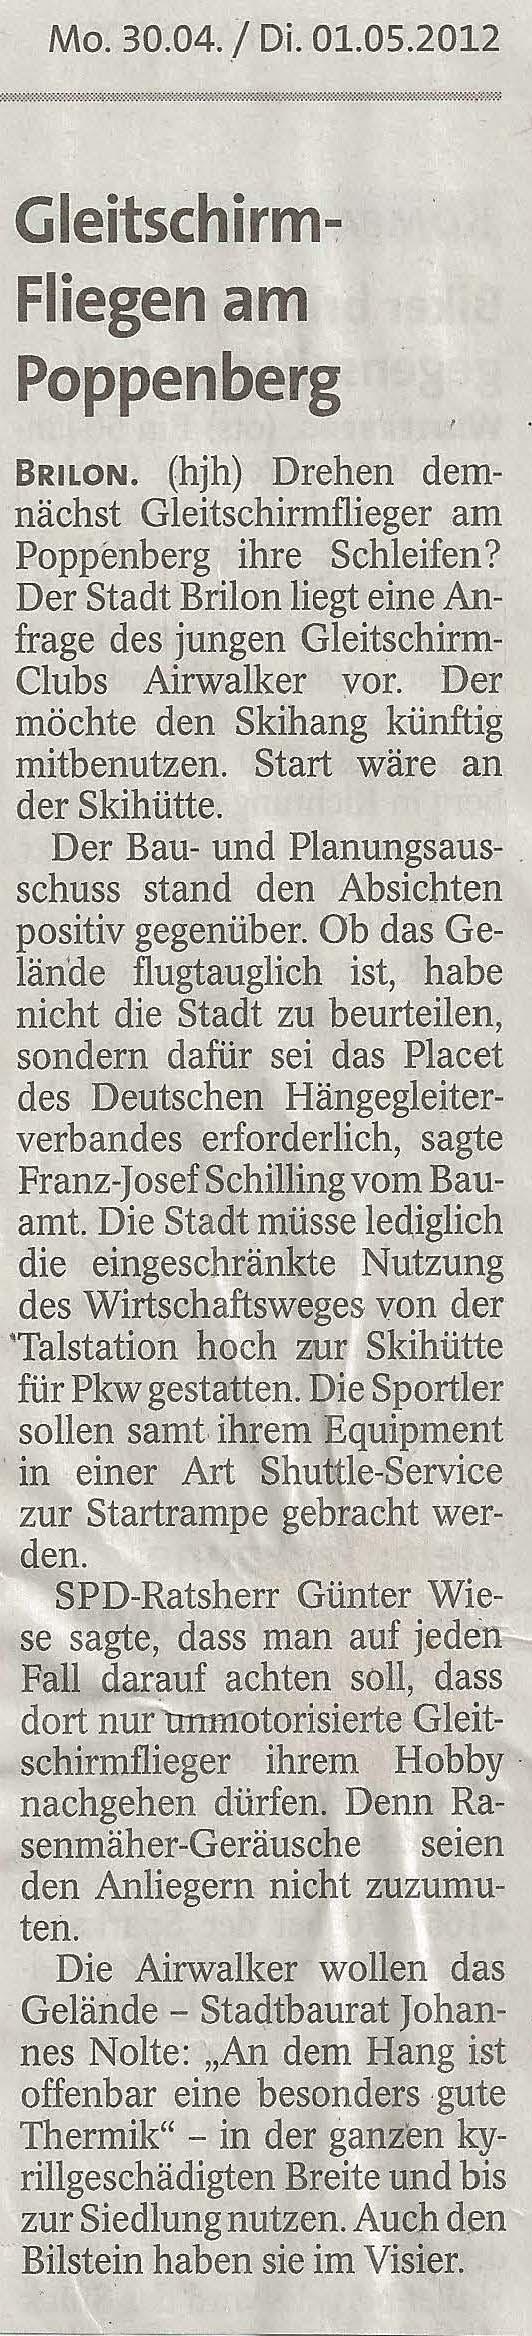 Westfalenpost 30.04.2012